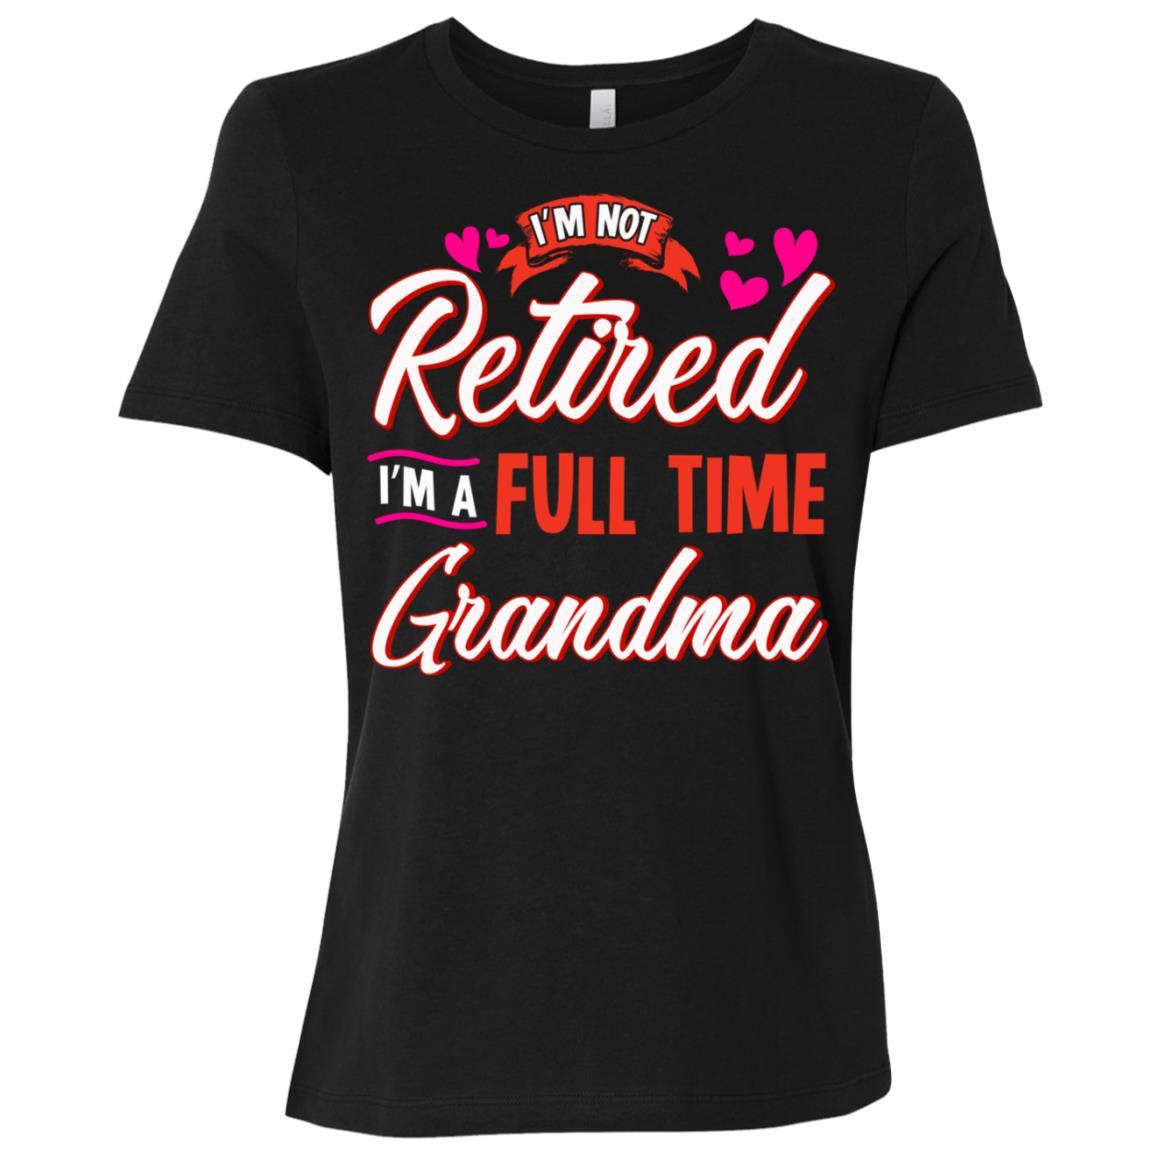 Retired Grandma Retirement Gift for Grandmother Women Short Sleeve T-Shirt